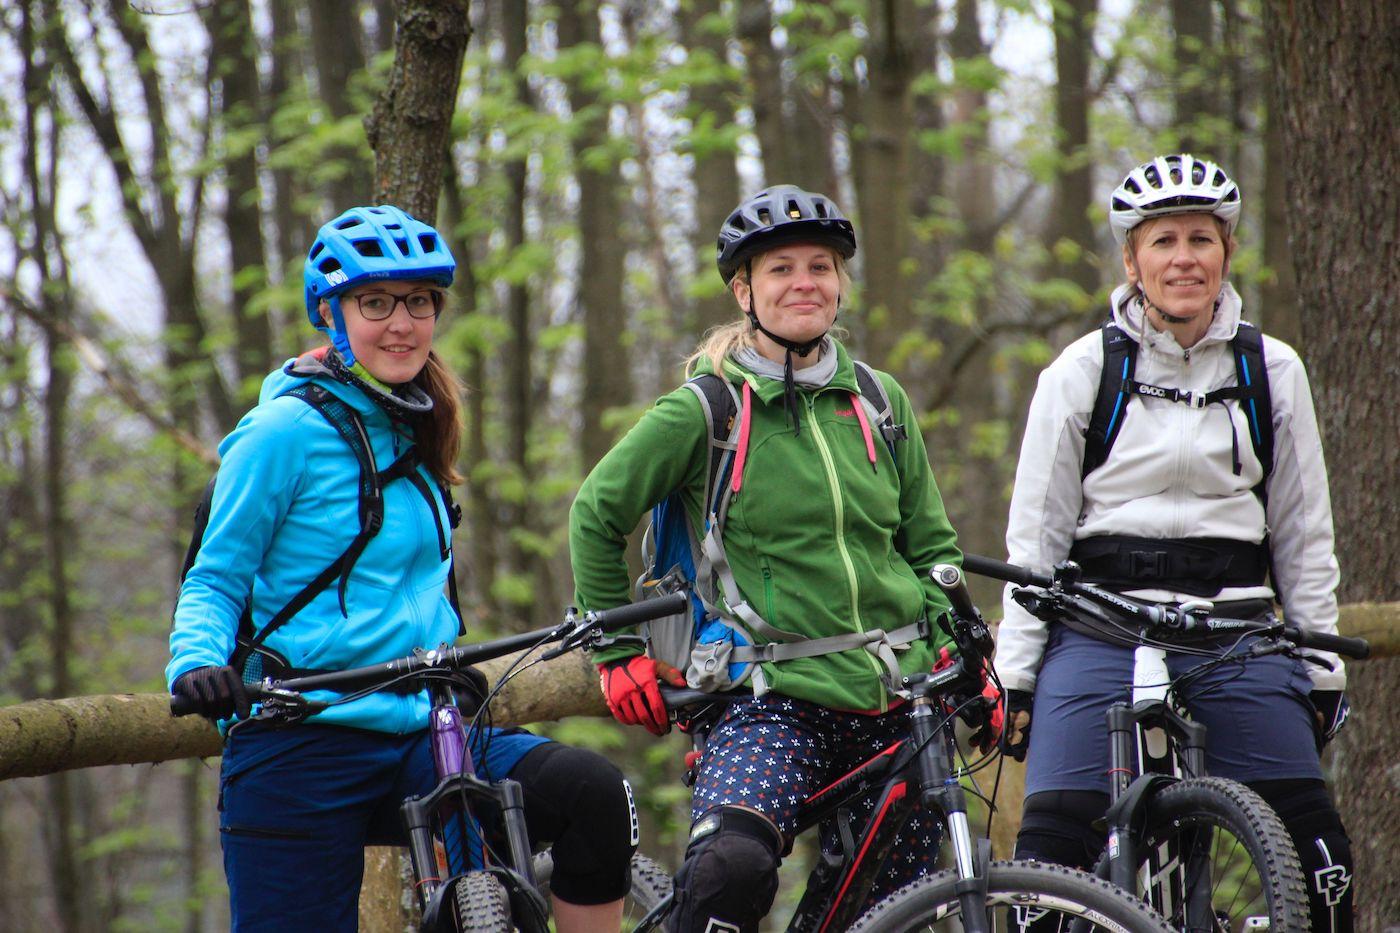 MTB Fahrtechnik Kurs Fortgeschrittene in Berlin - Hauptstadt - Mountainbike Fortgeschritten - Rock my Trail Bikeschule GmbH - 2